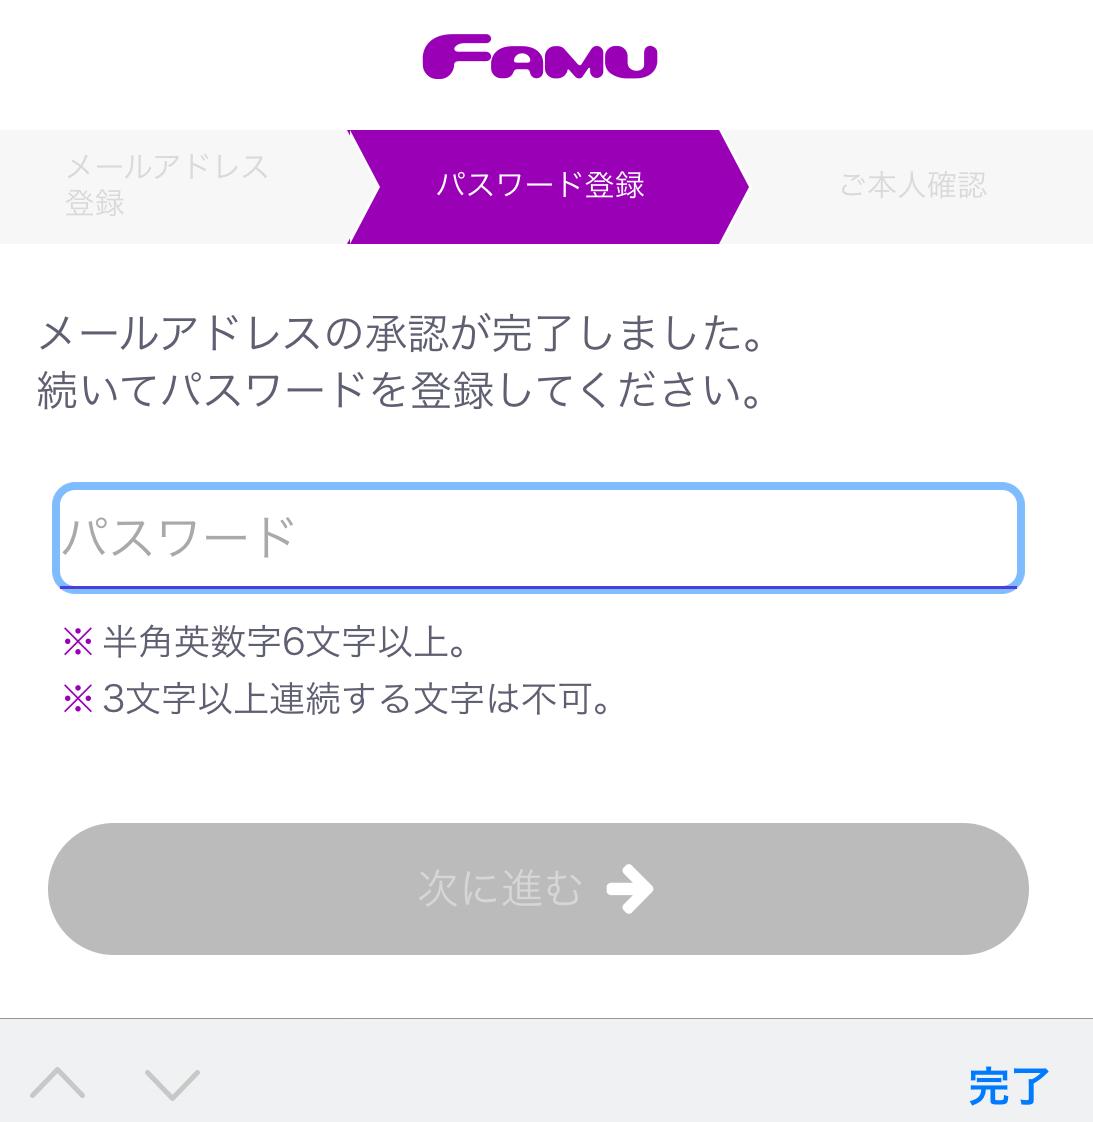 ファム 口コミ